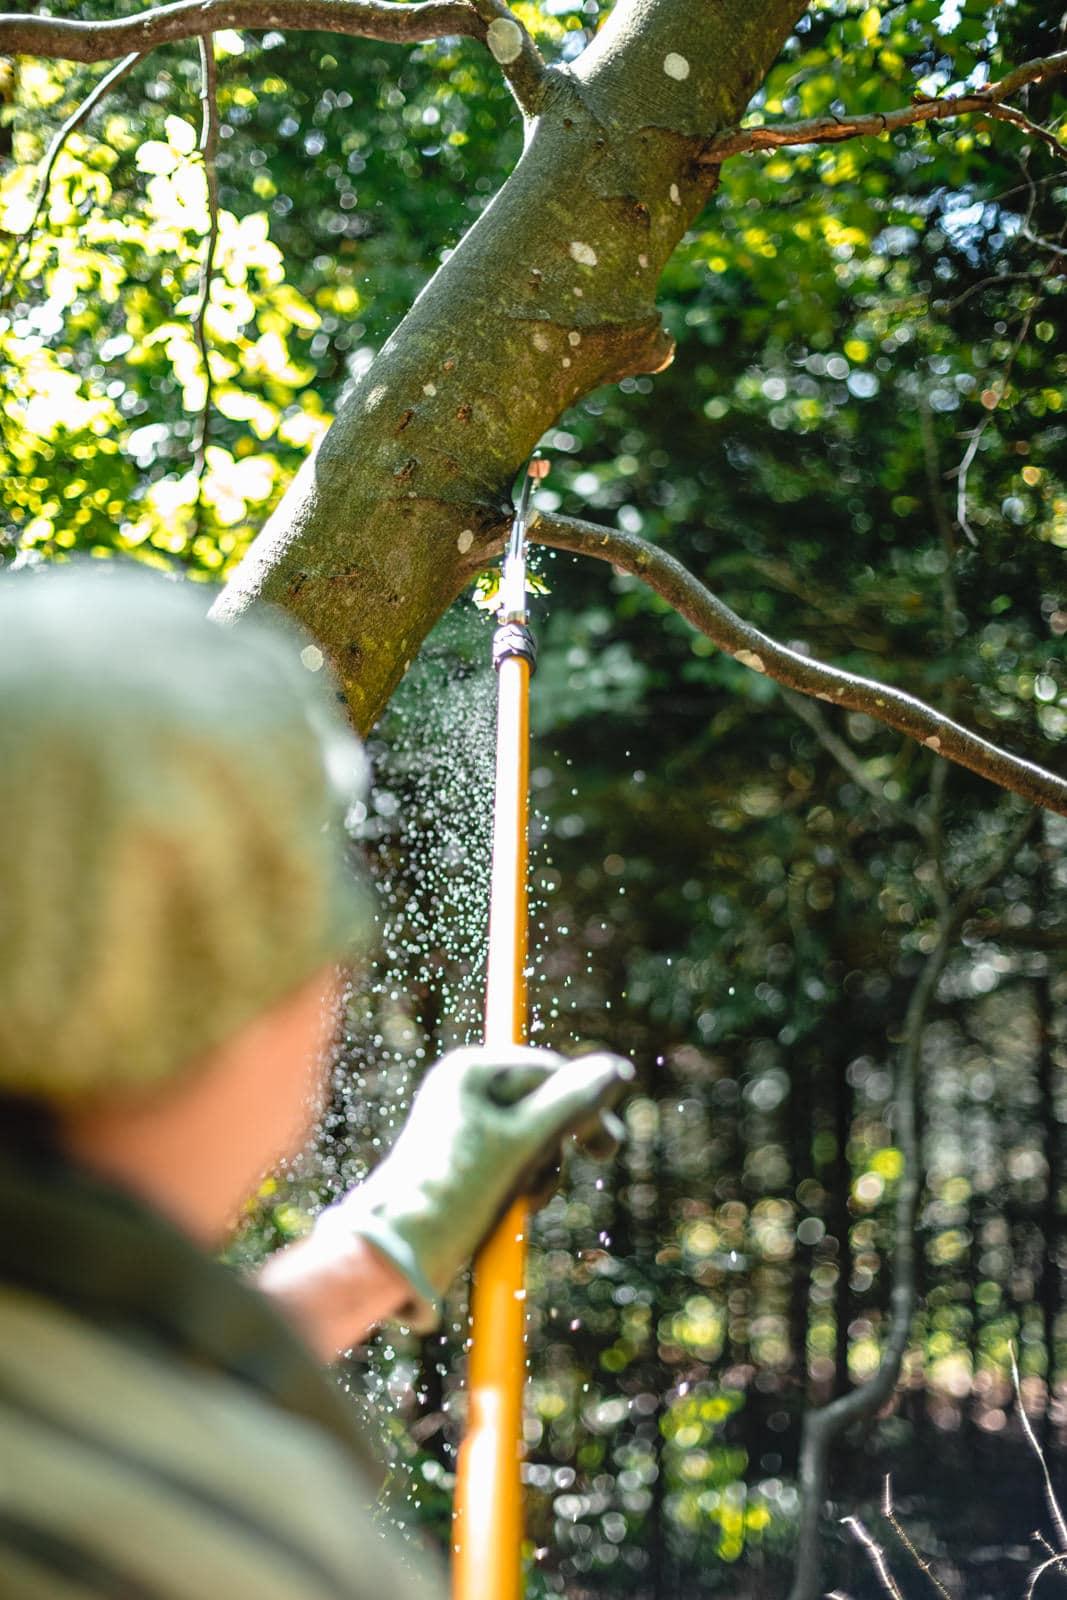 Ein Mann sägt im Sommer im Wald einen Ast mit einer Astsäge von einem Baum ab